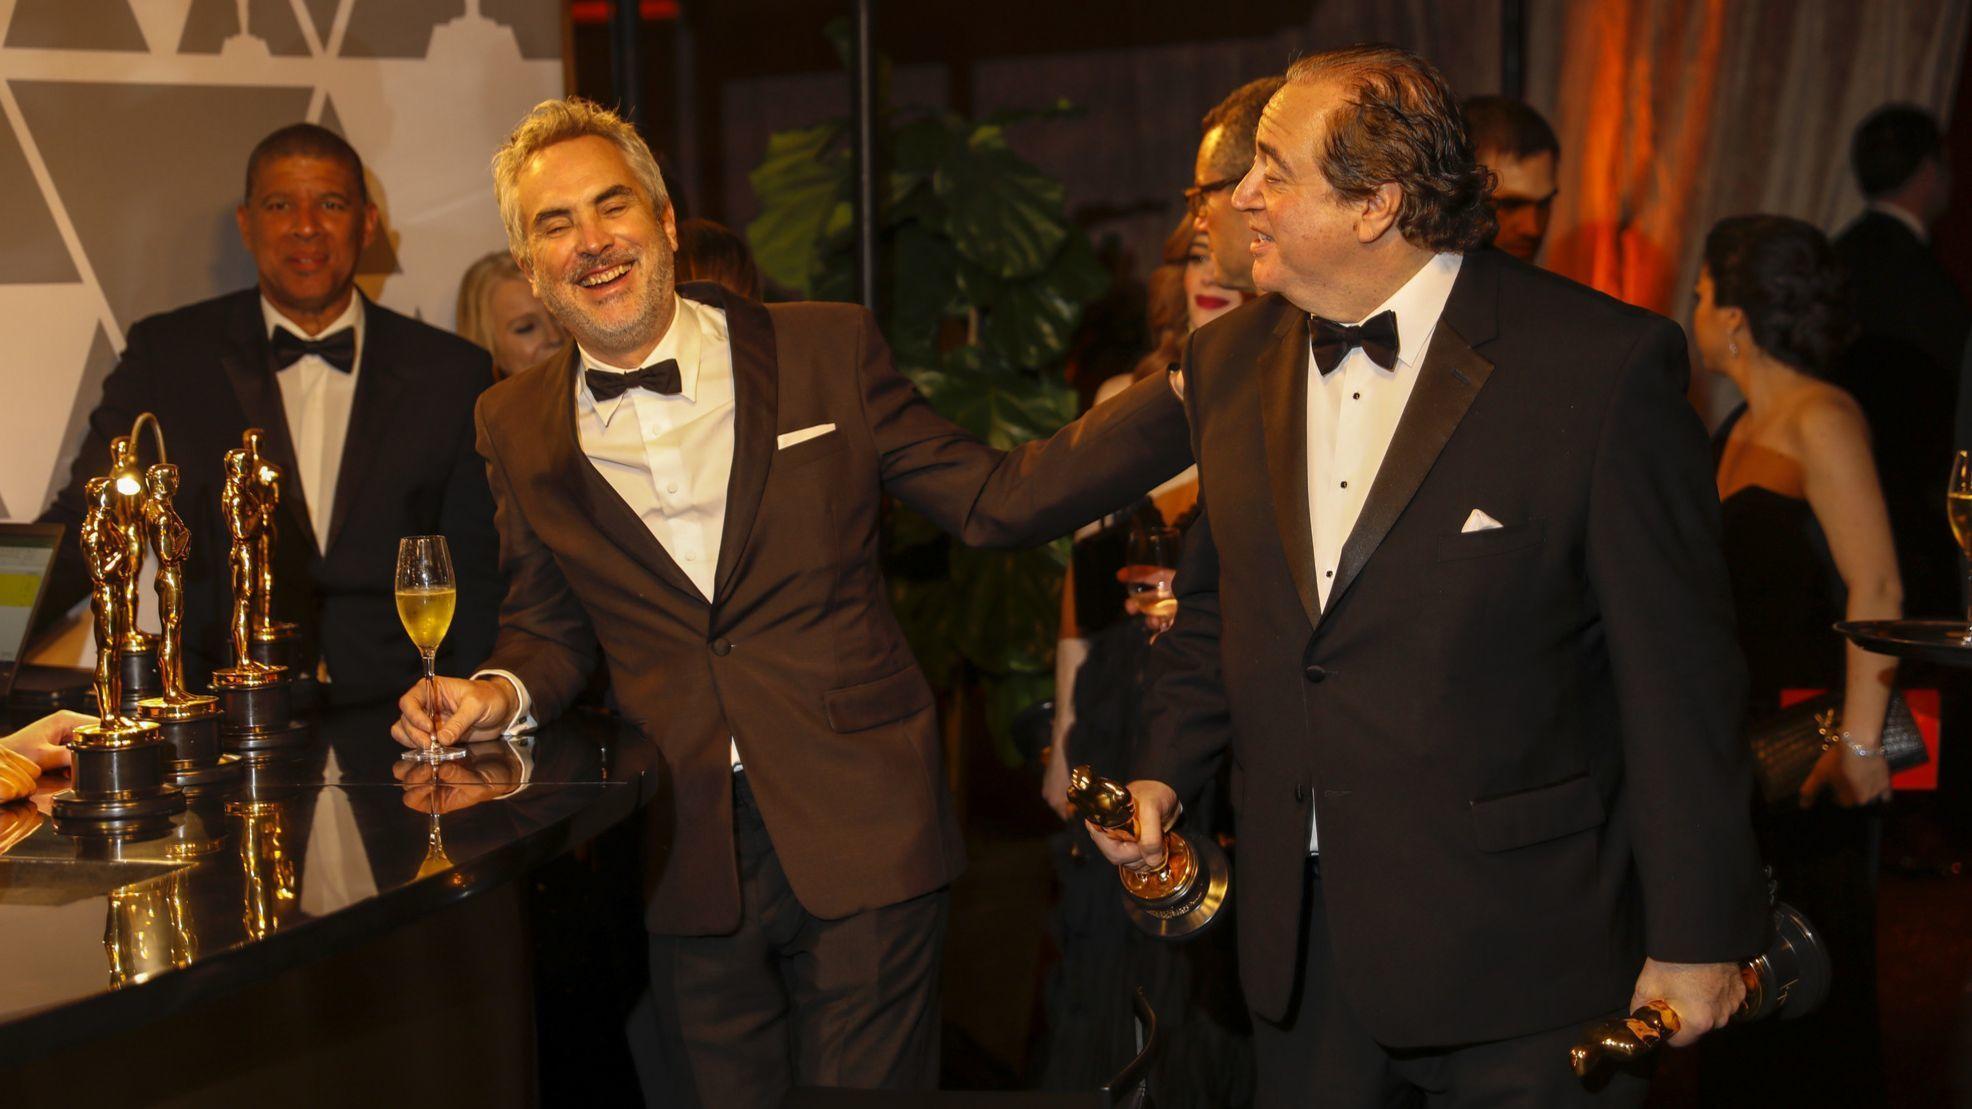 Alfonso Cuaron, Nick Vallelonga